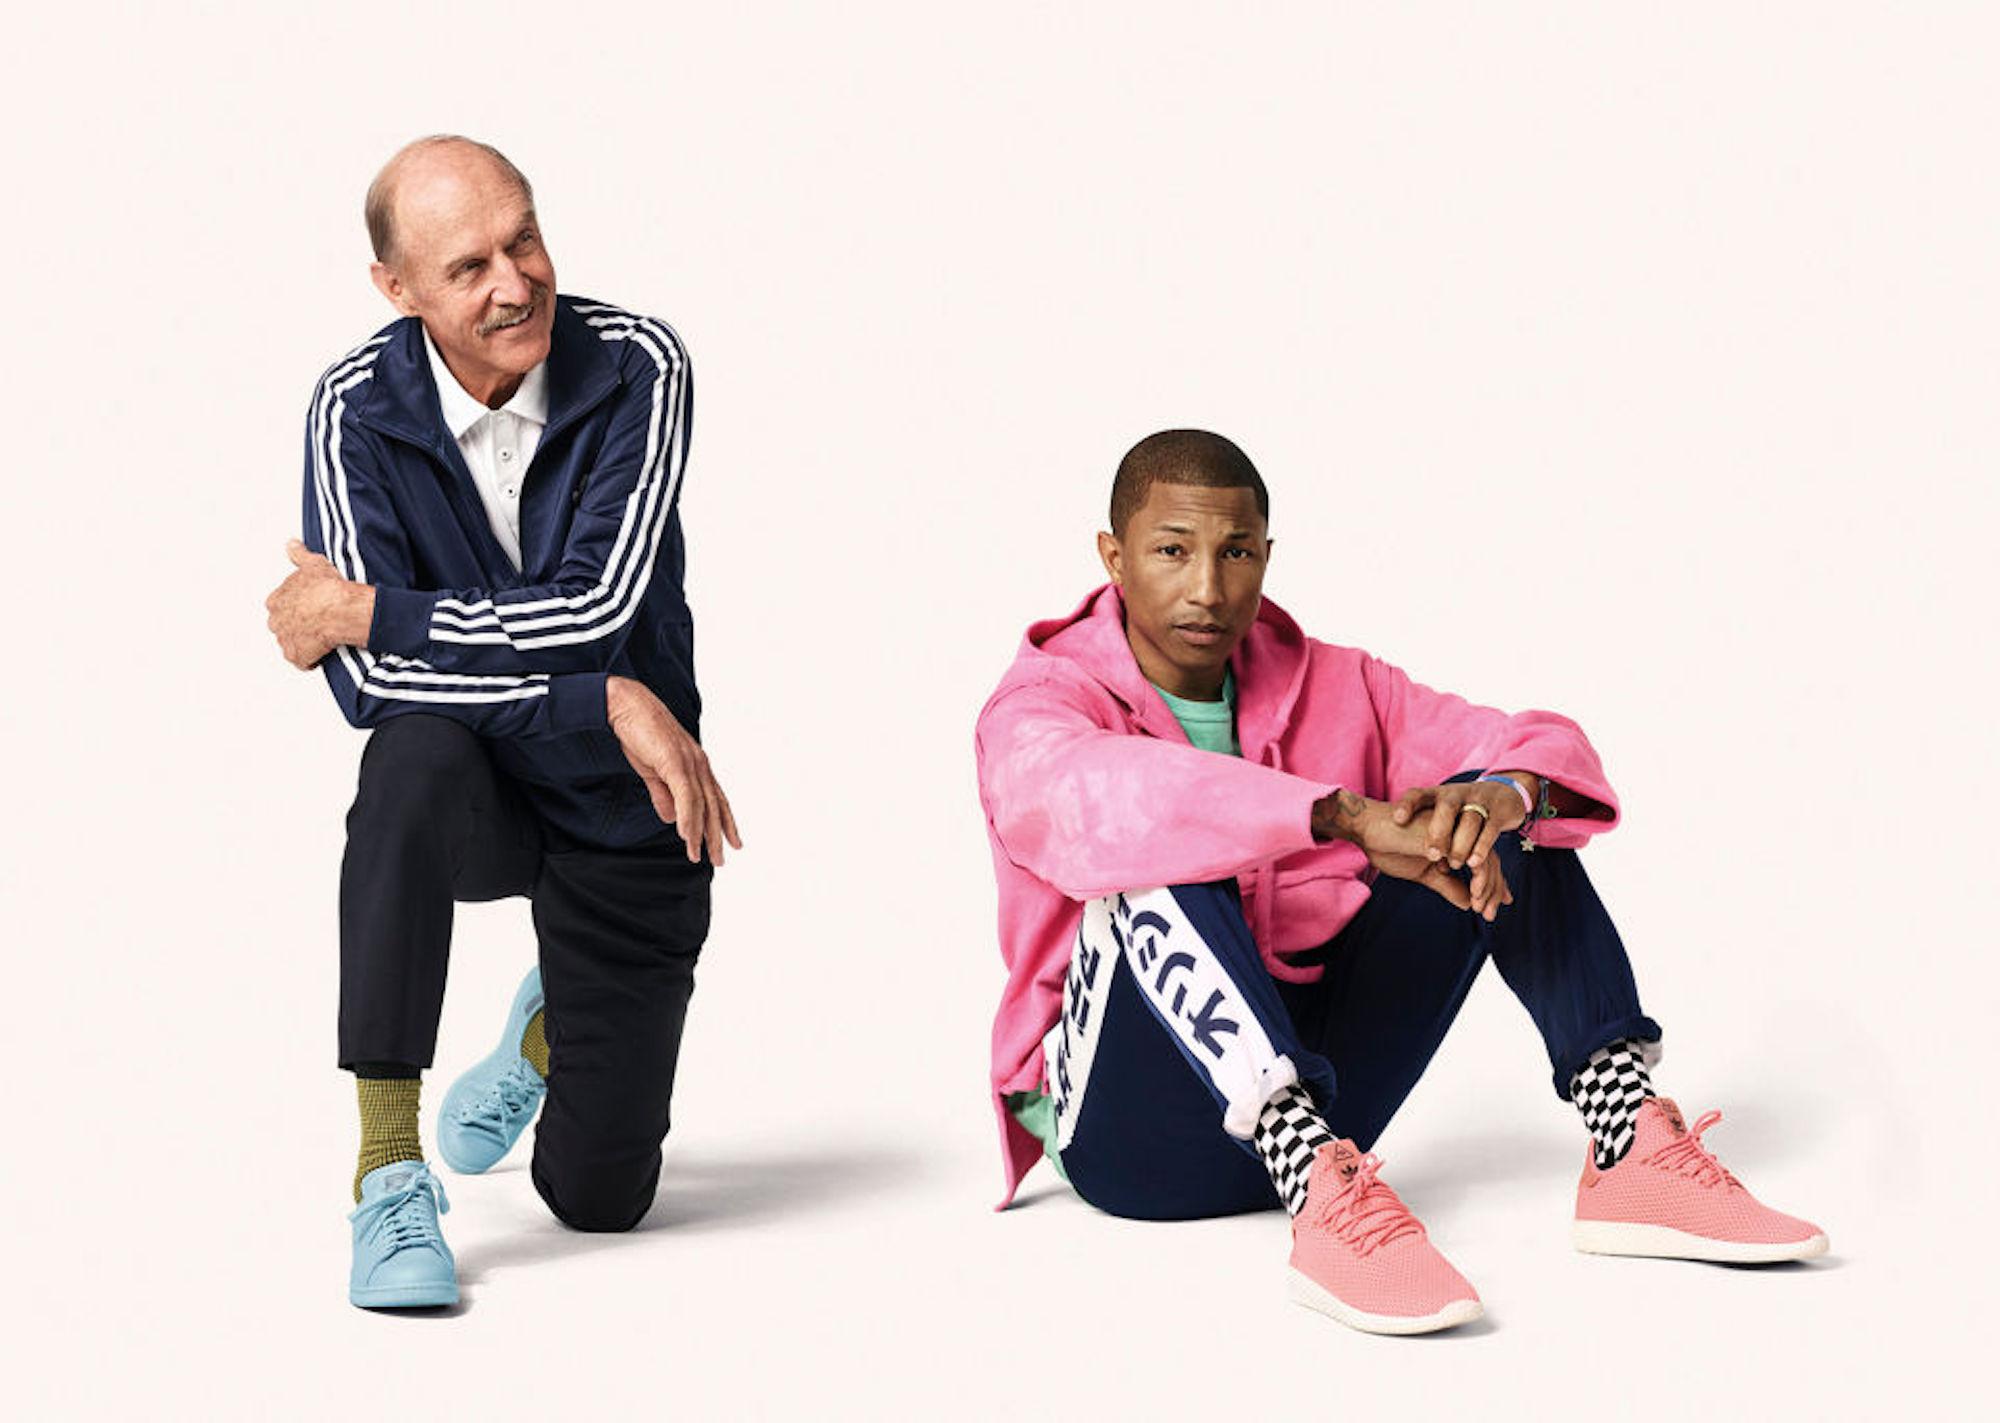 Van Pharrell tot Kanye: 10 opvallende samenwerkingen tussen